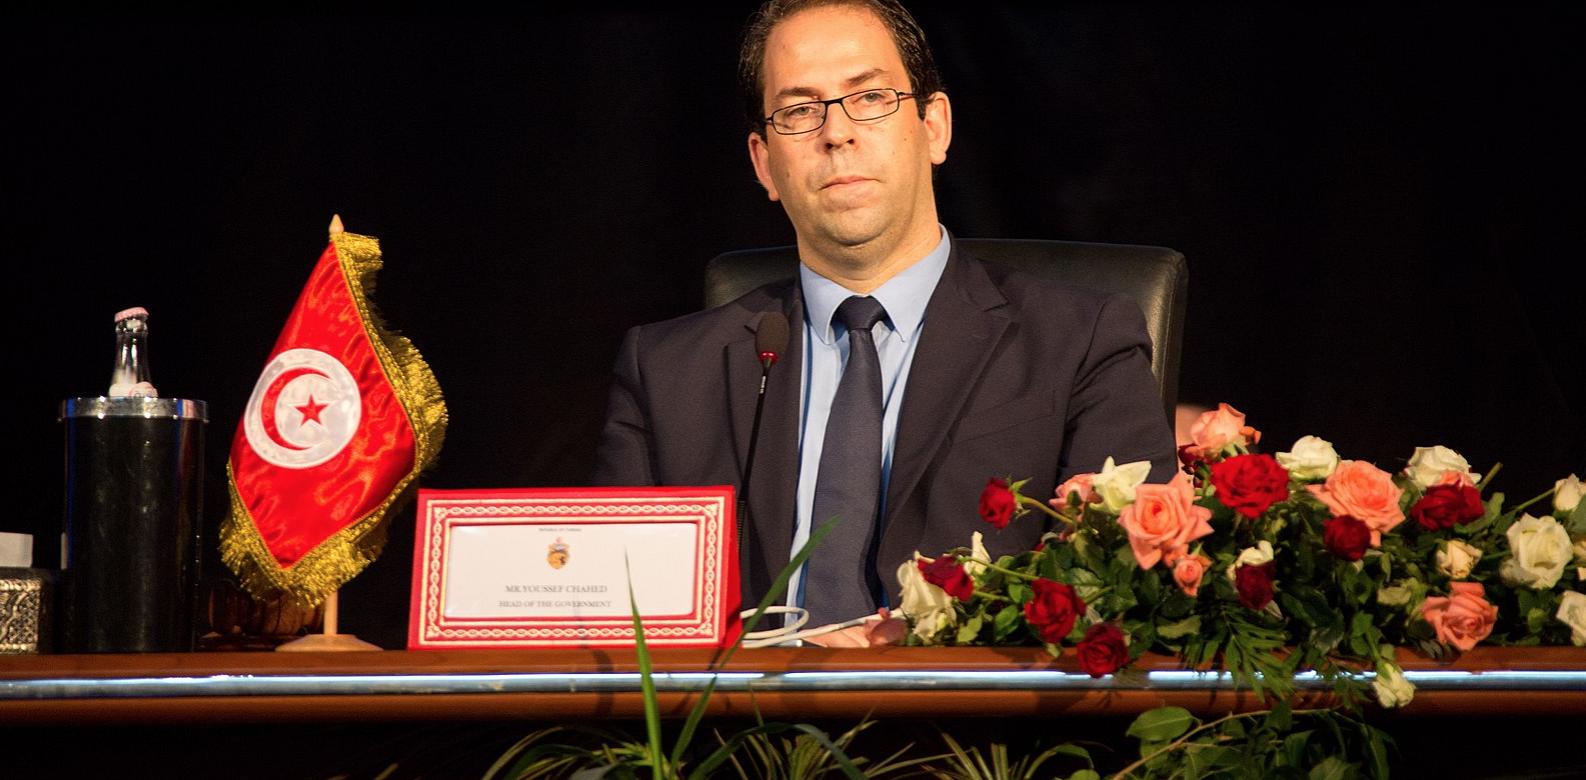 Bonne nouvelle pour la Tunisie qui va quitter la liste des pays sous surveillance